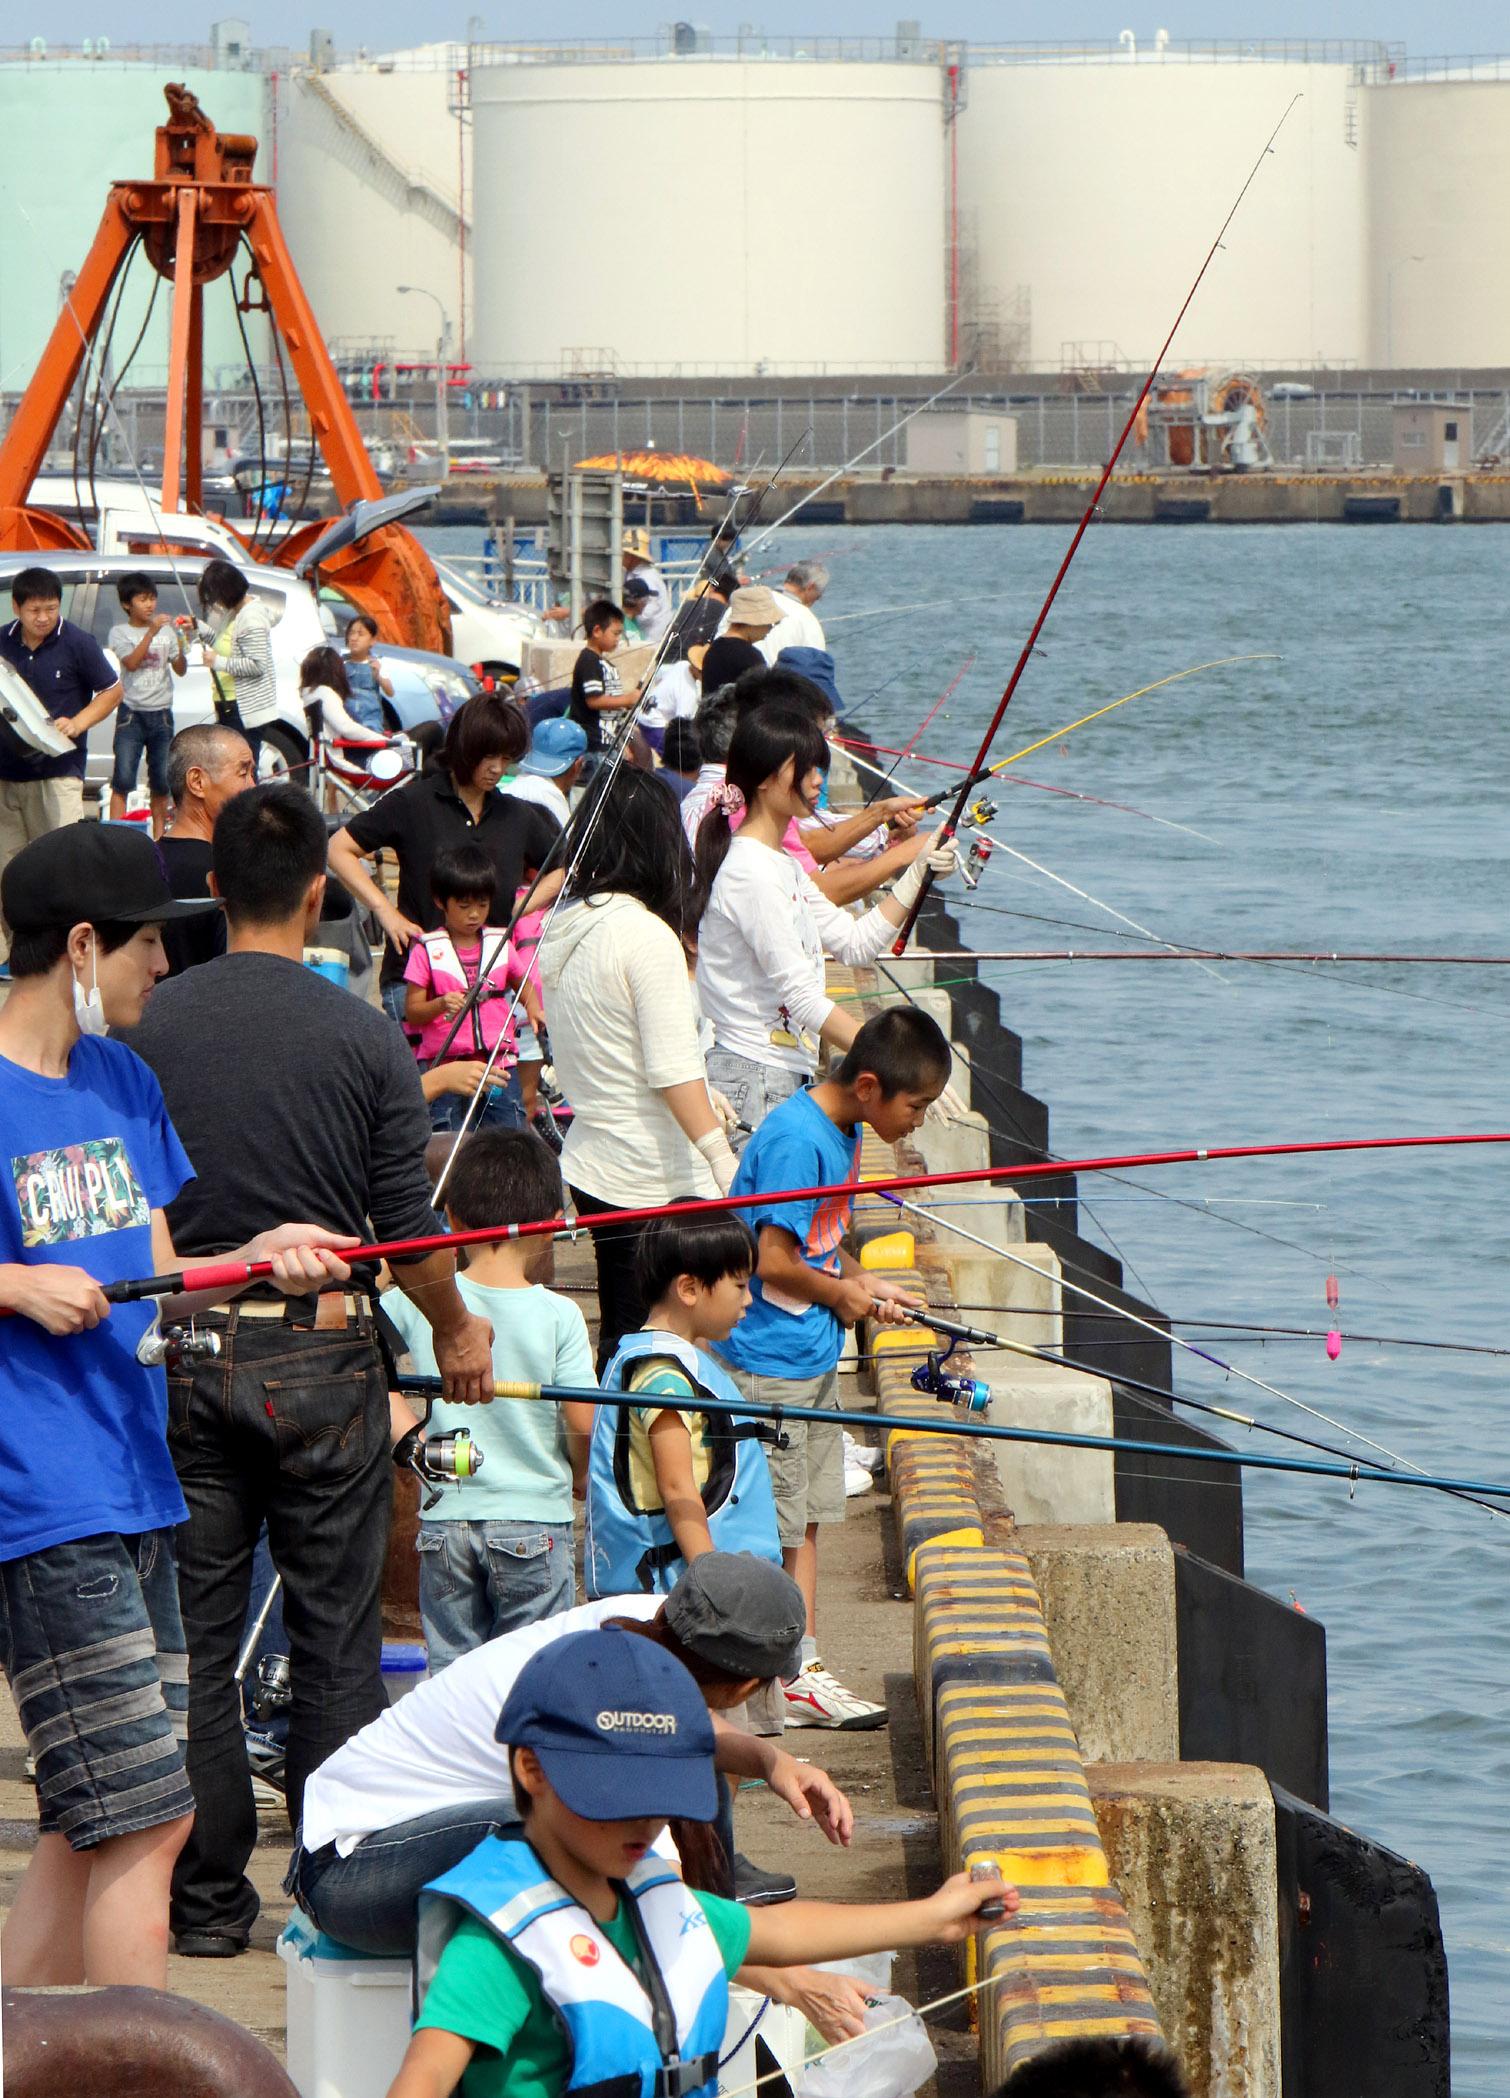 青空の下、釣りを楽しむ家族連れ=金沢港